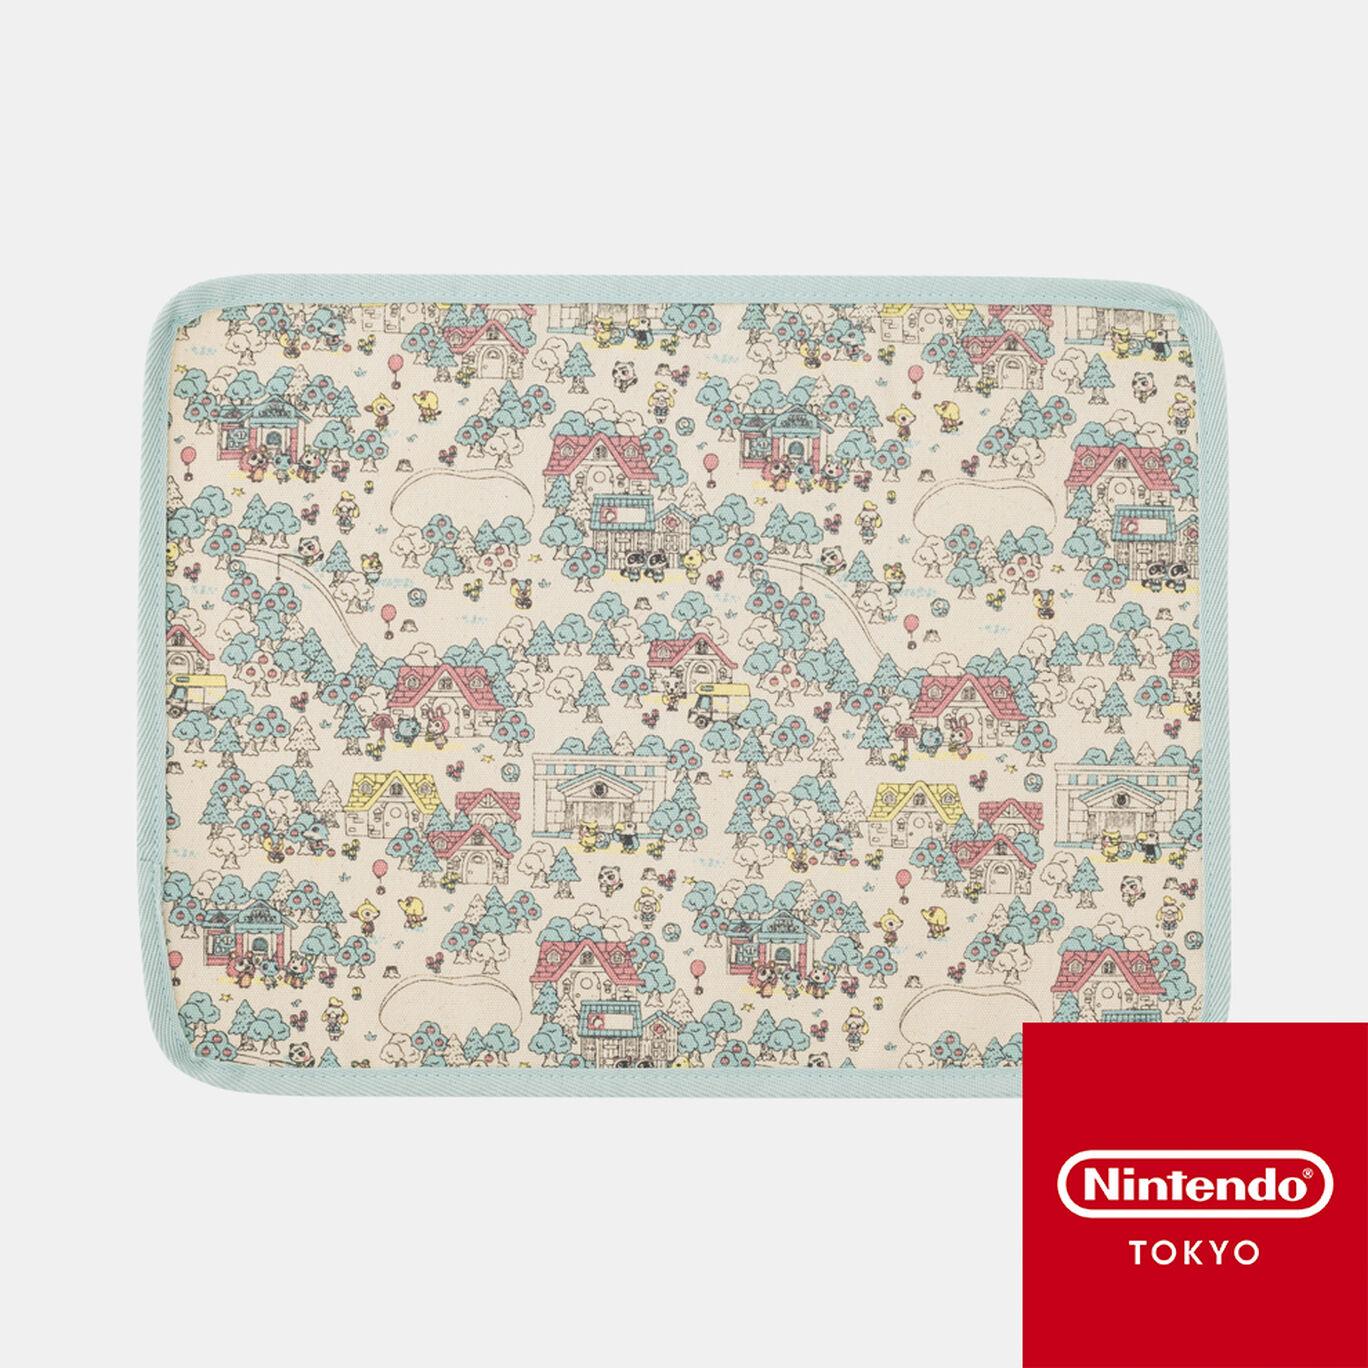 ランチョンマット どうぶつの森 A【Nintendo TOKYO取り扱い商品】